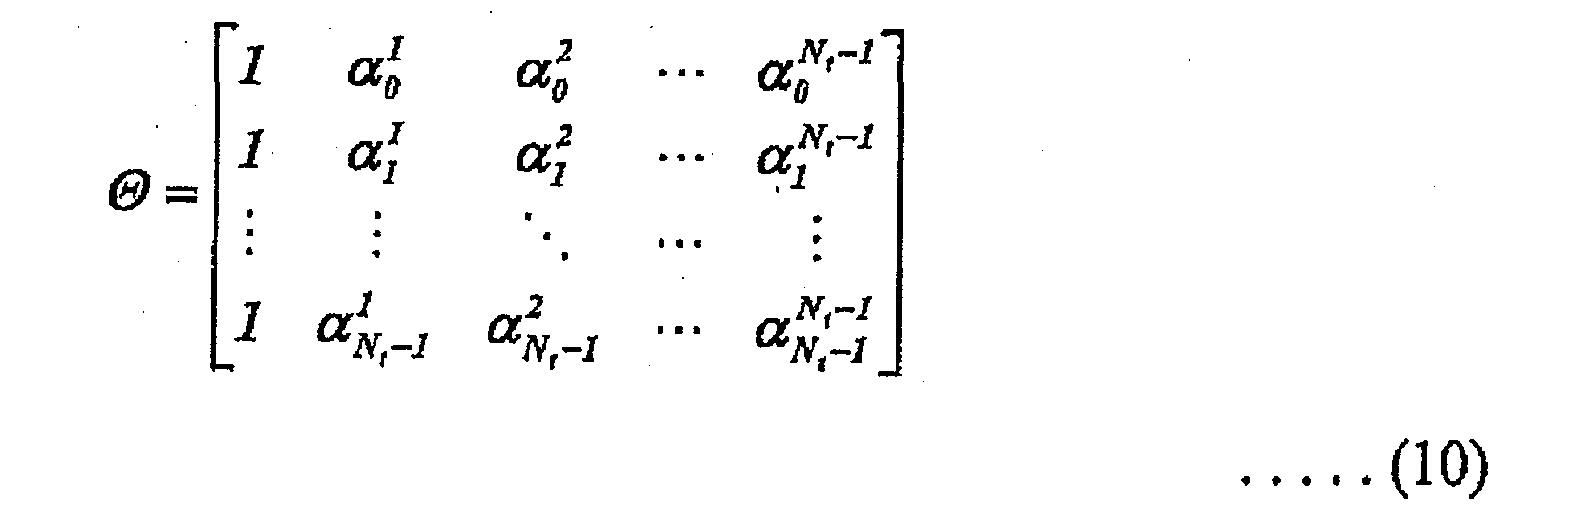 Figure CN1969522BD00183